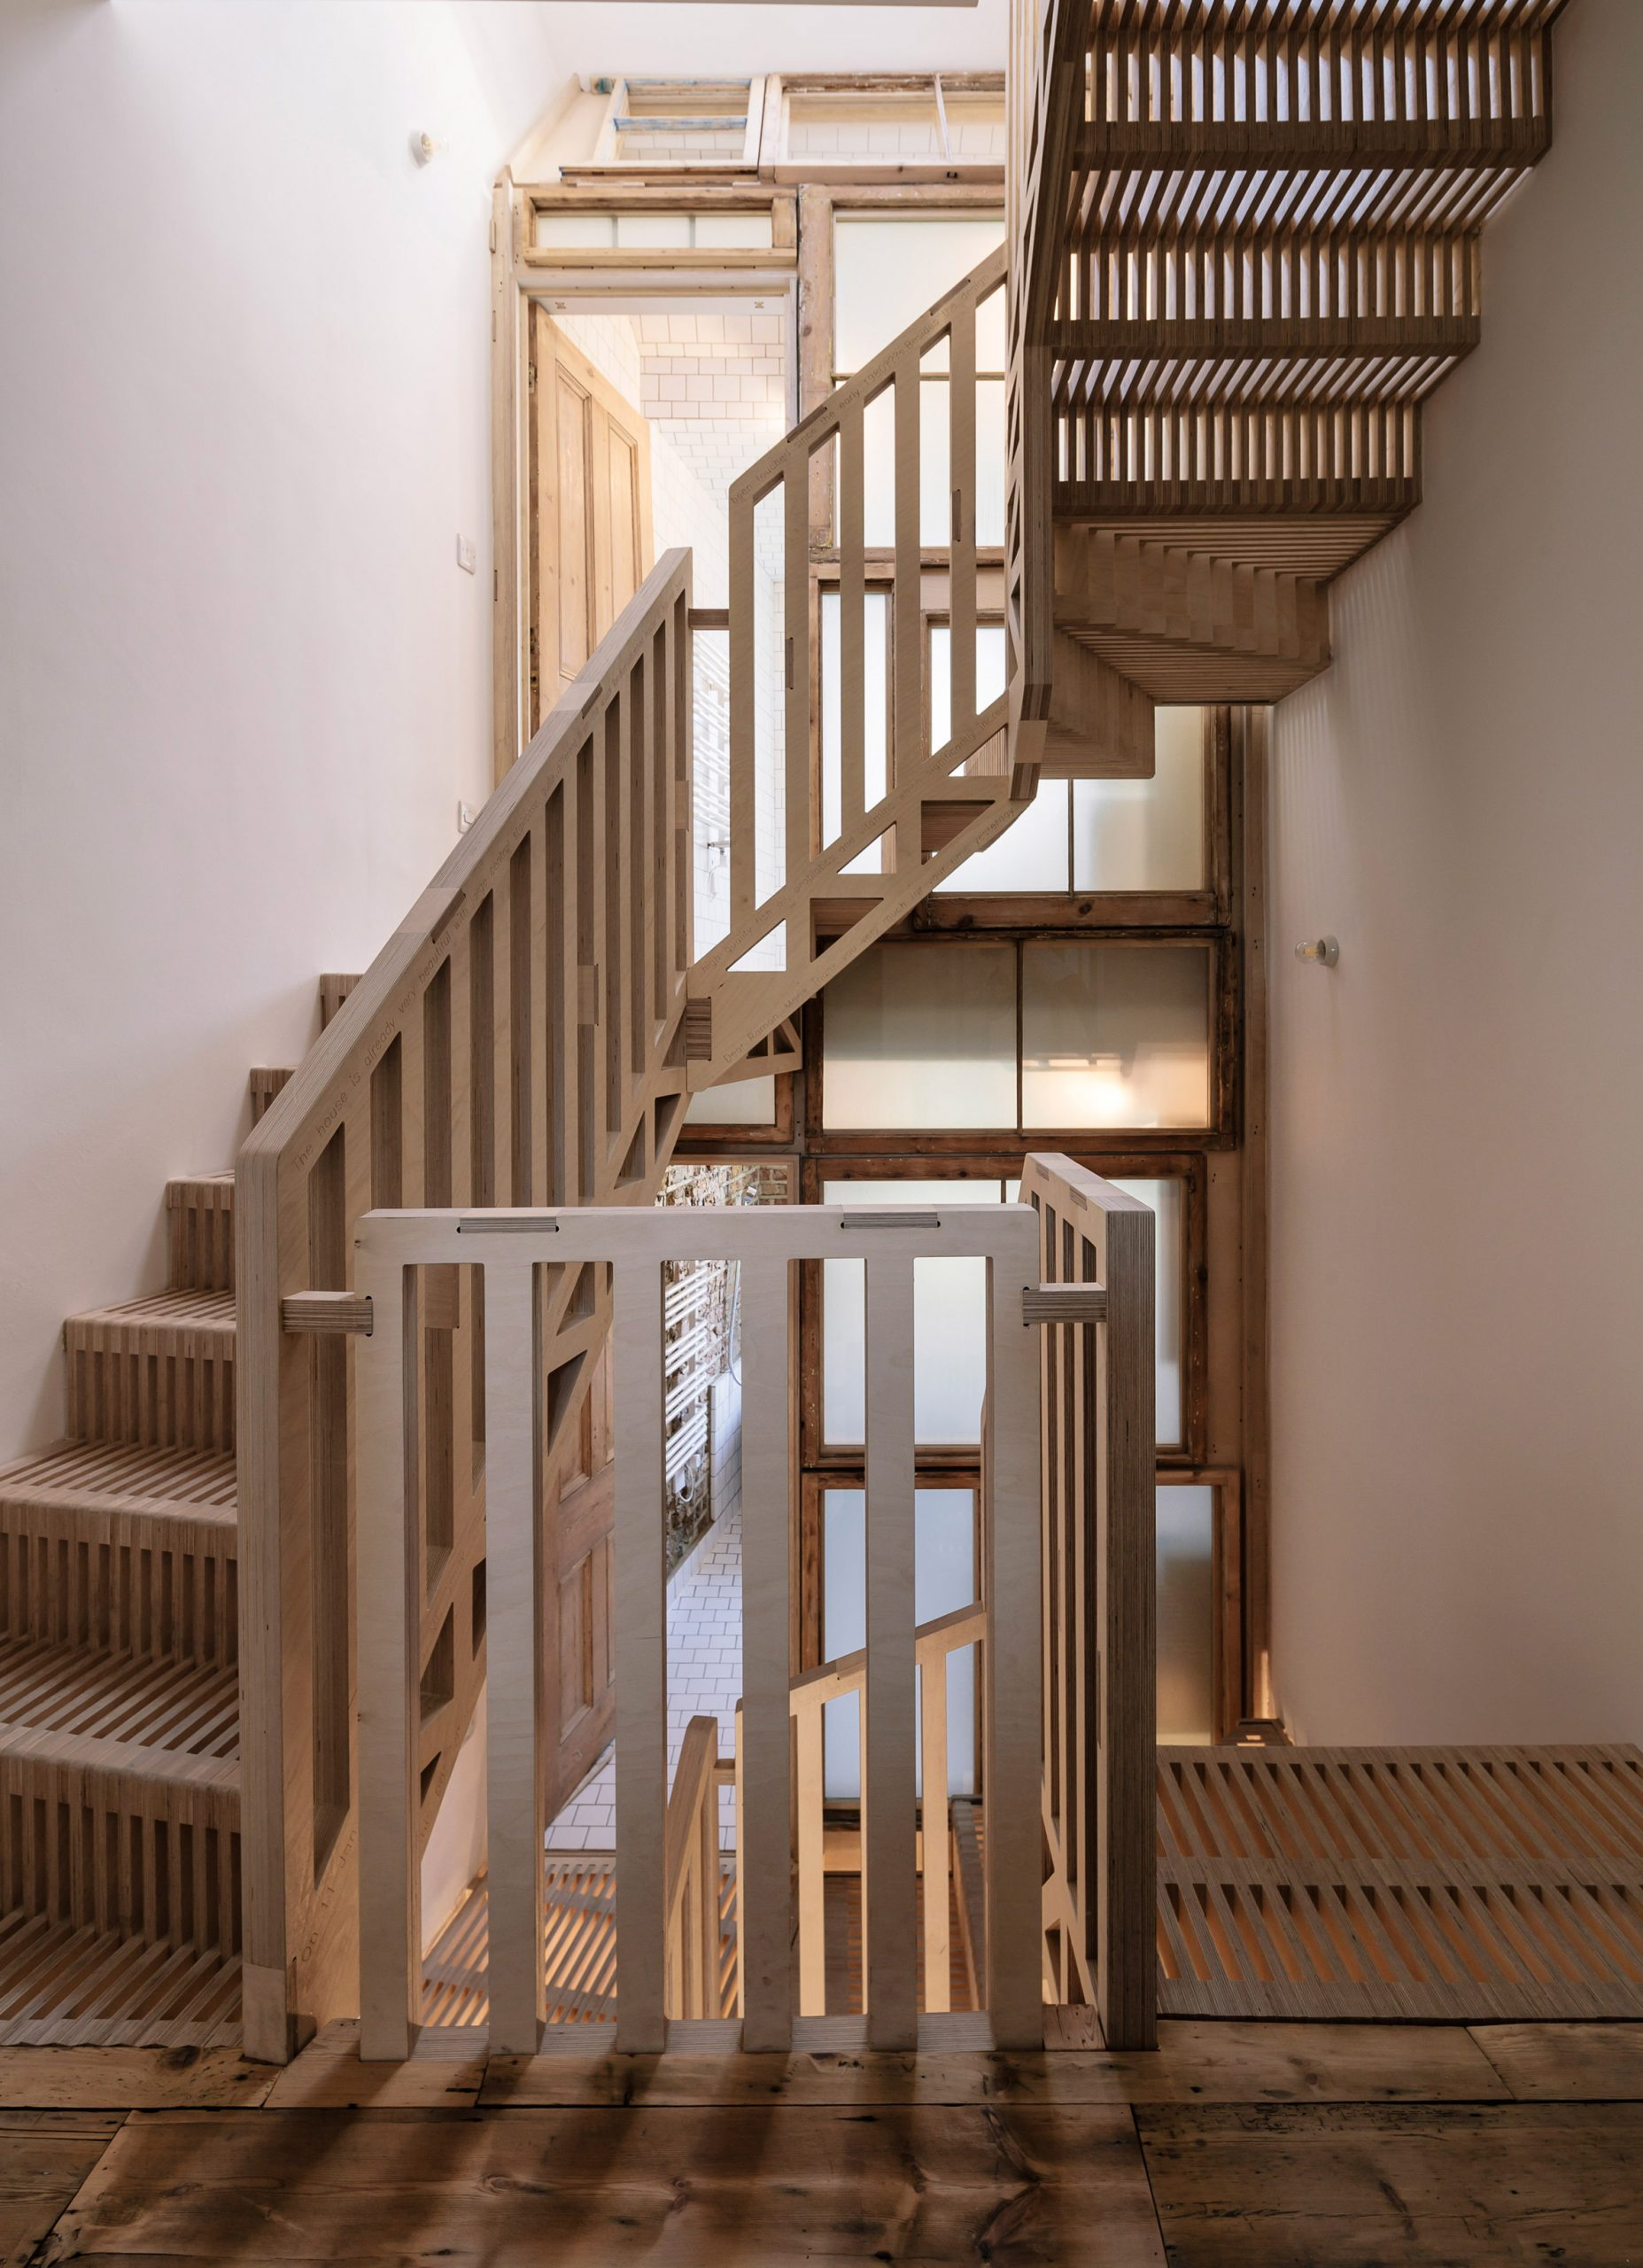 Mẫu cầu thang gỗ đẹp 2